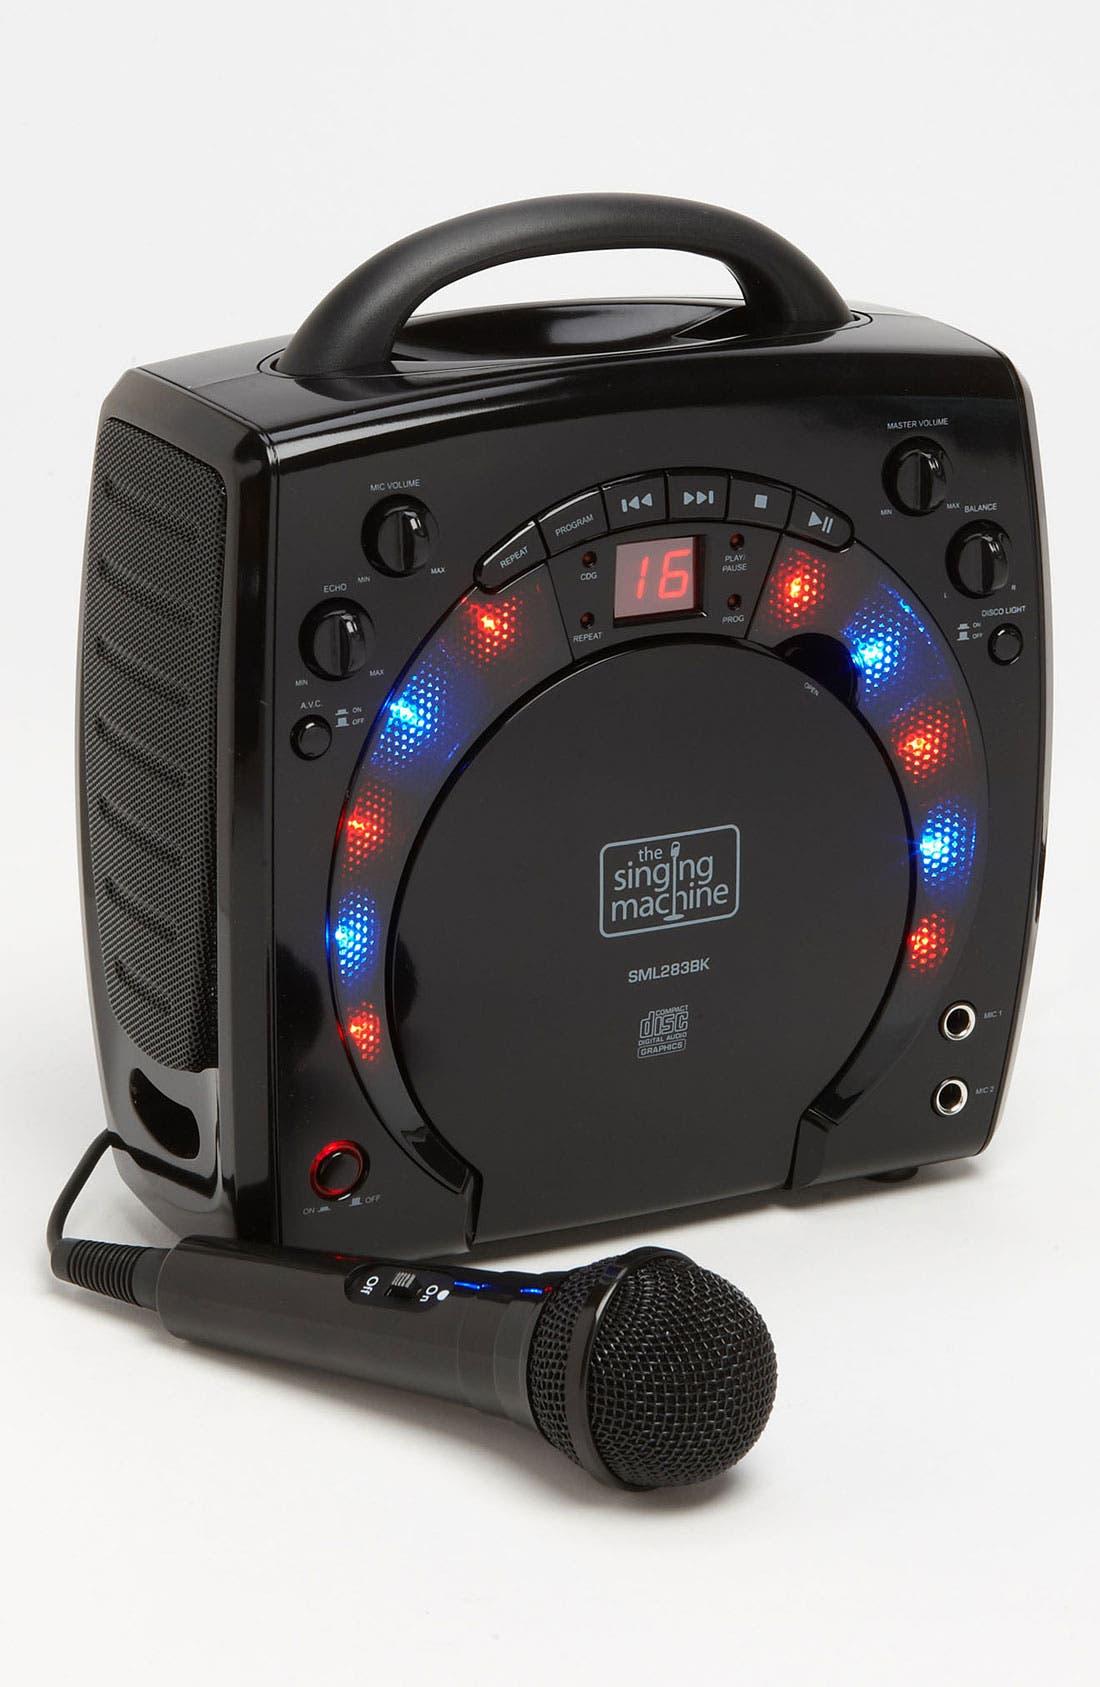 Singing Machine Portable Karaoke System